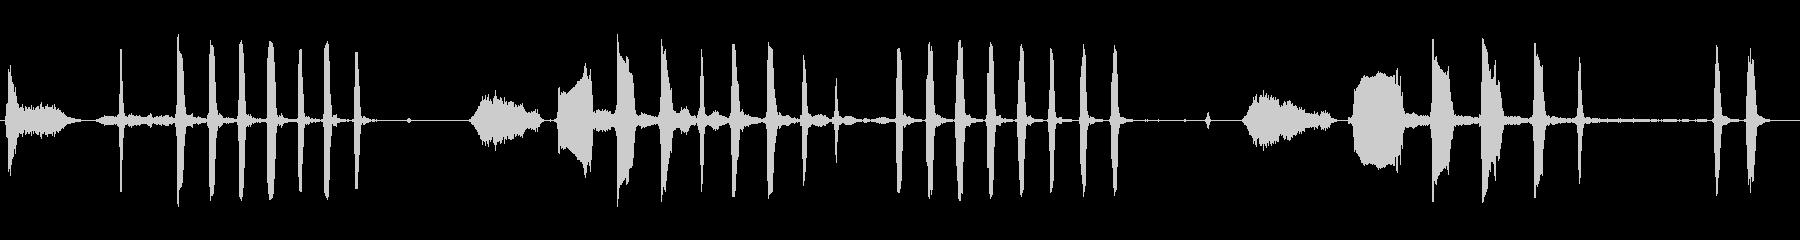 大人の女性:笑いの未再生の波形